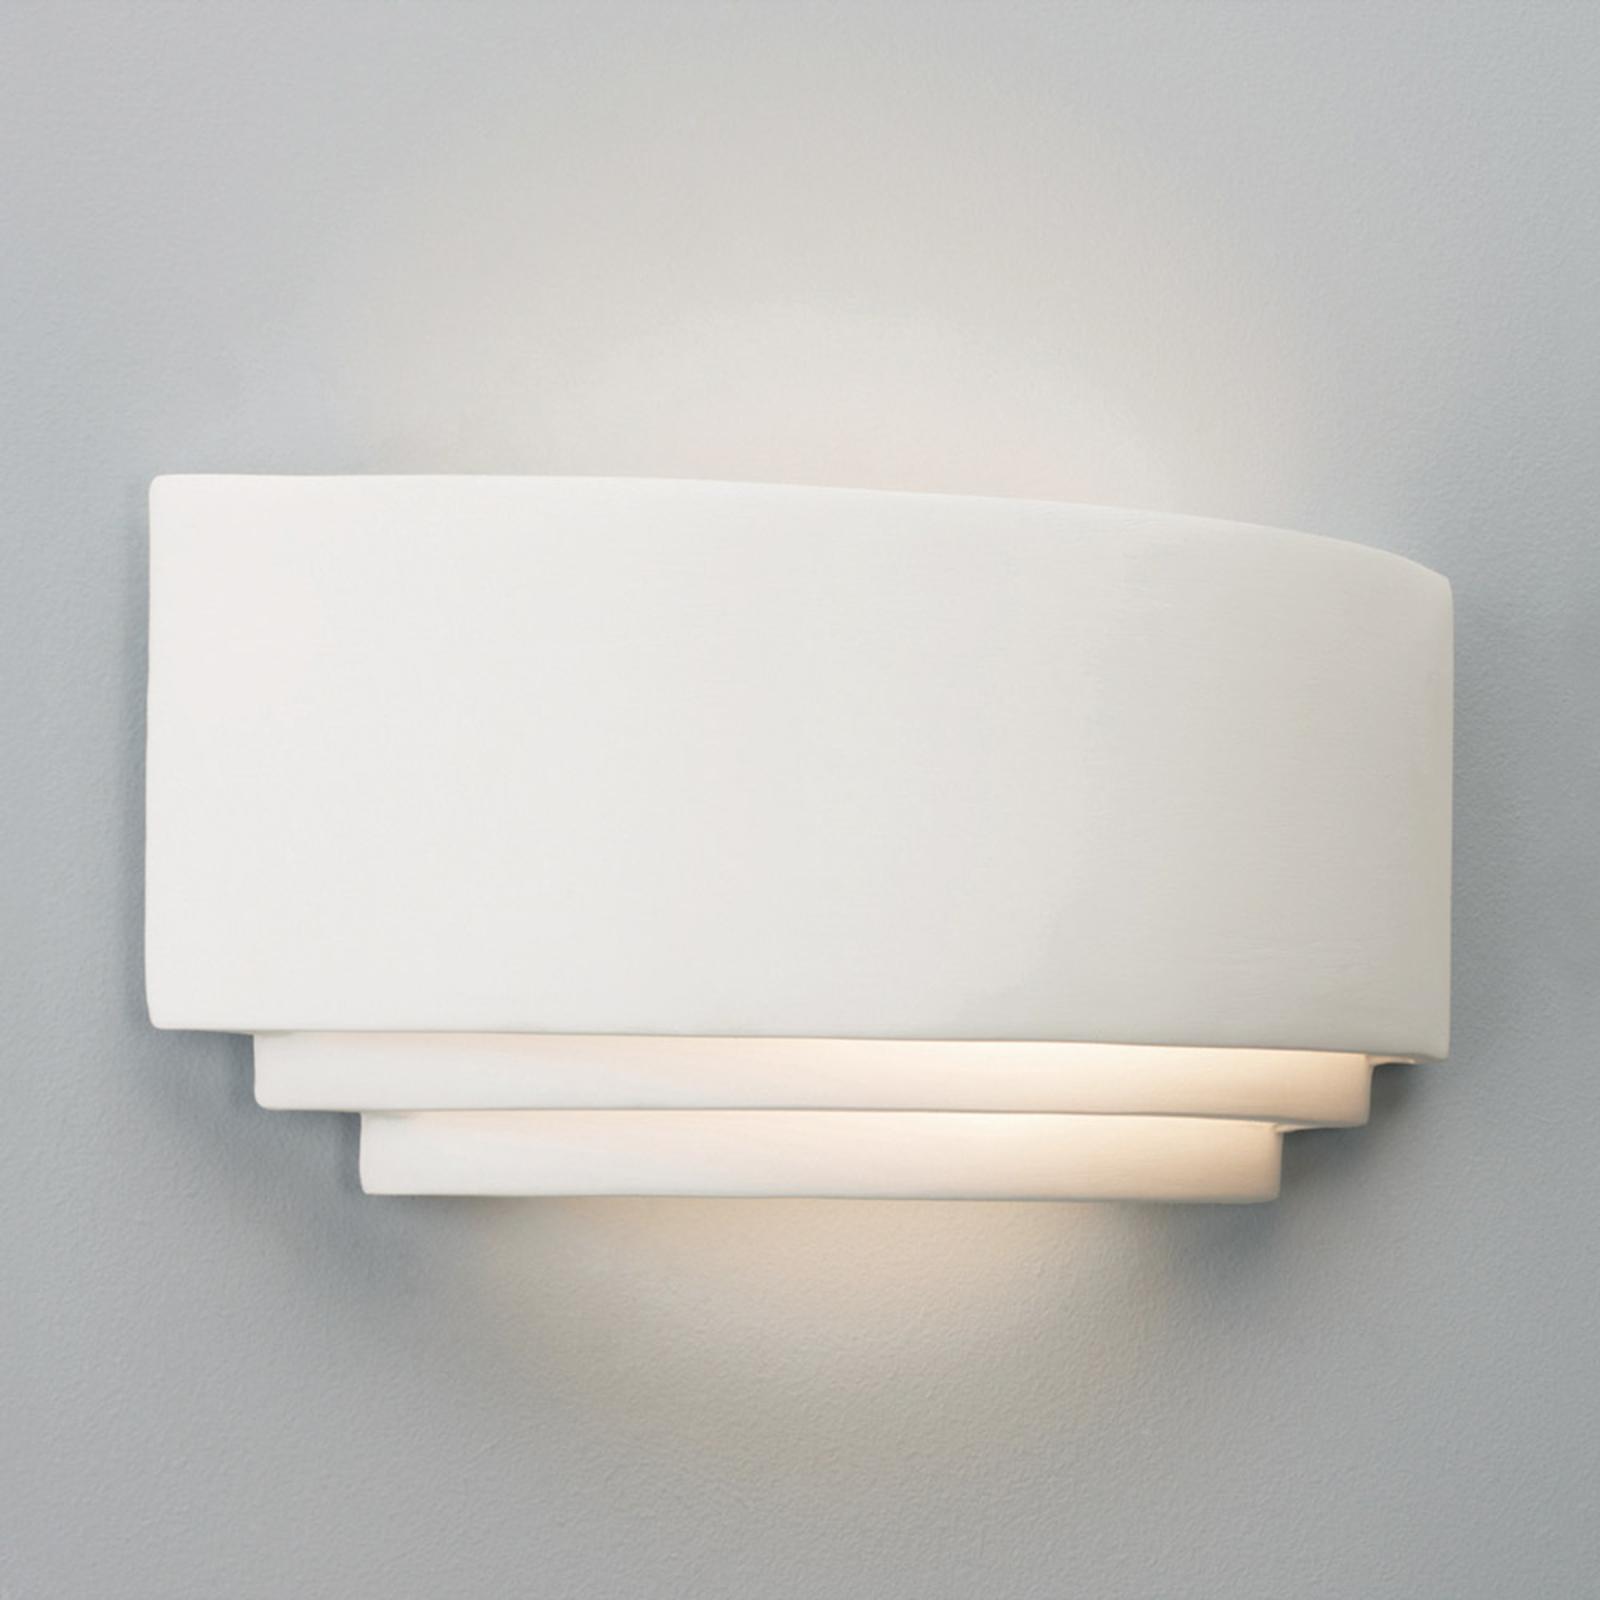 Amlfi Wall Light Simple Plaster_1020229_1